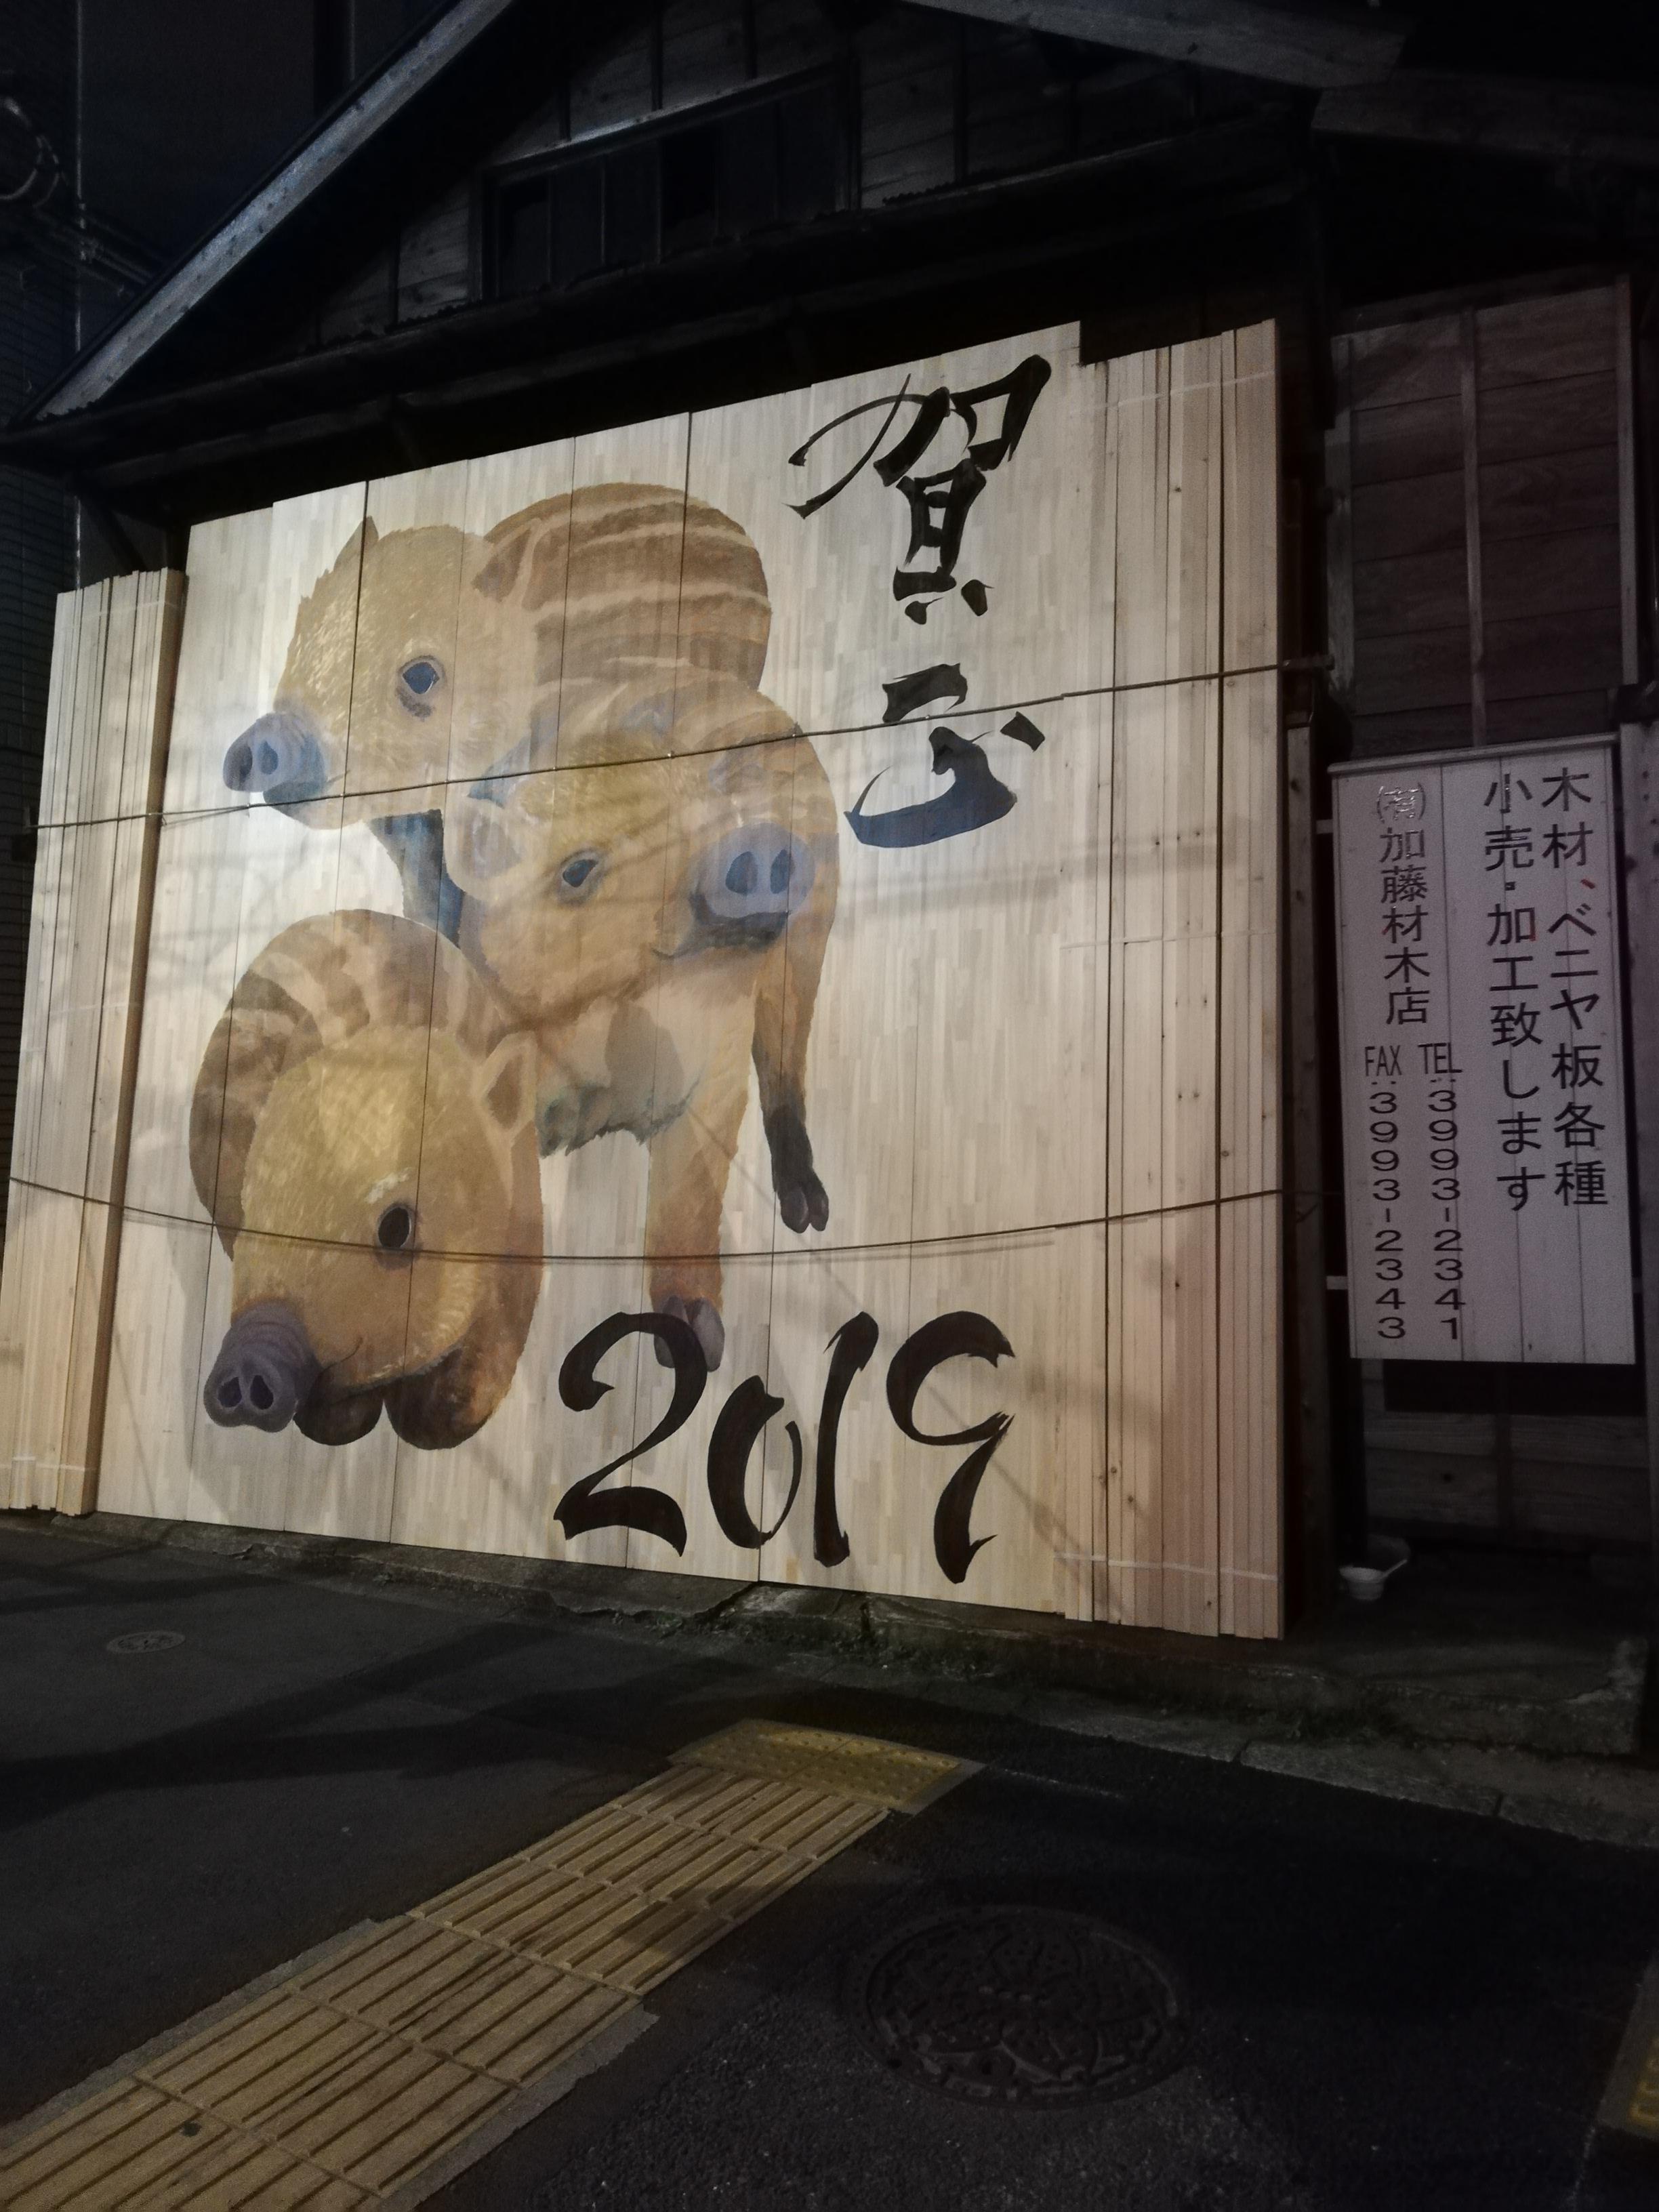 亥2019年加藤材木店